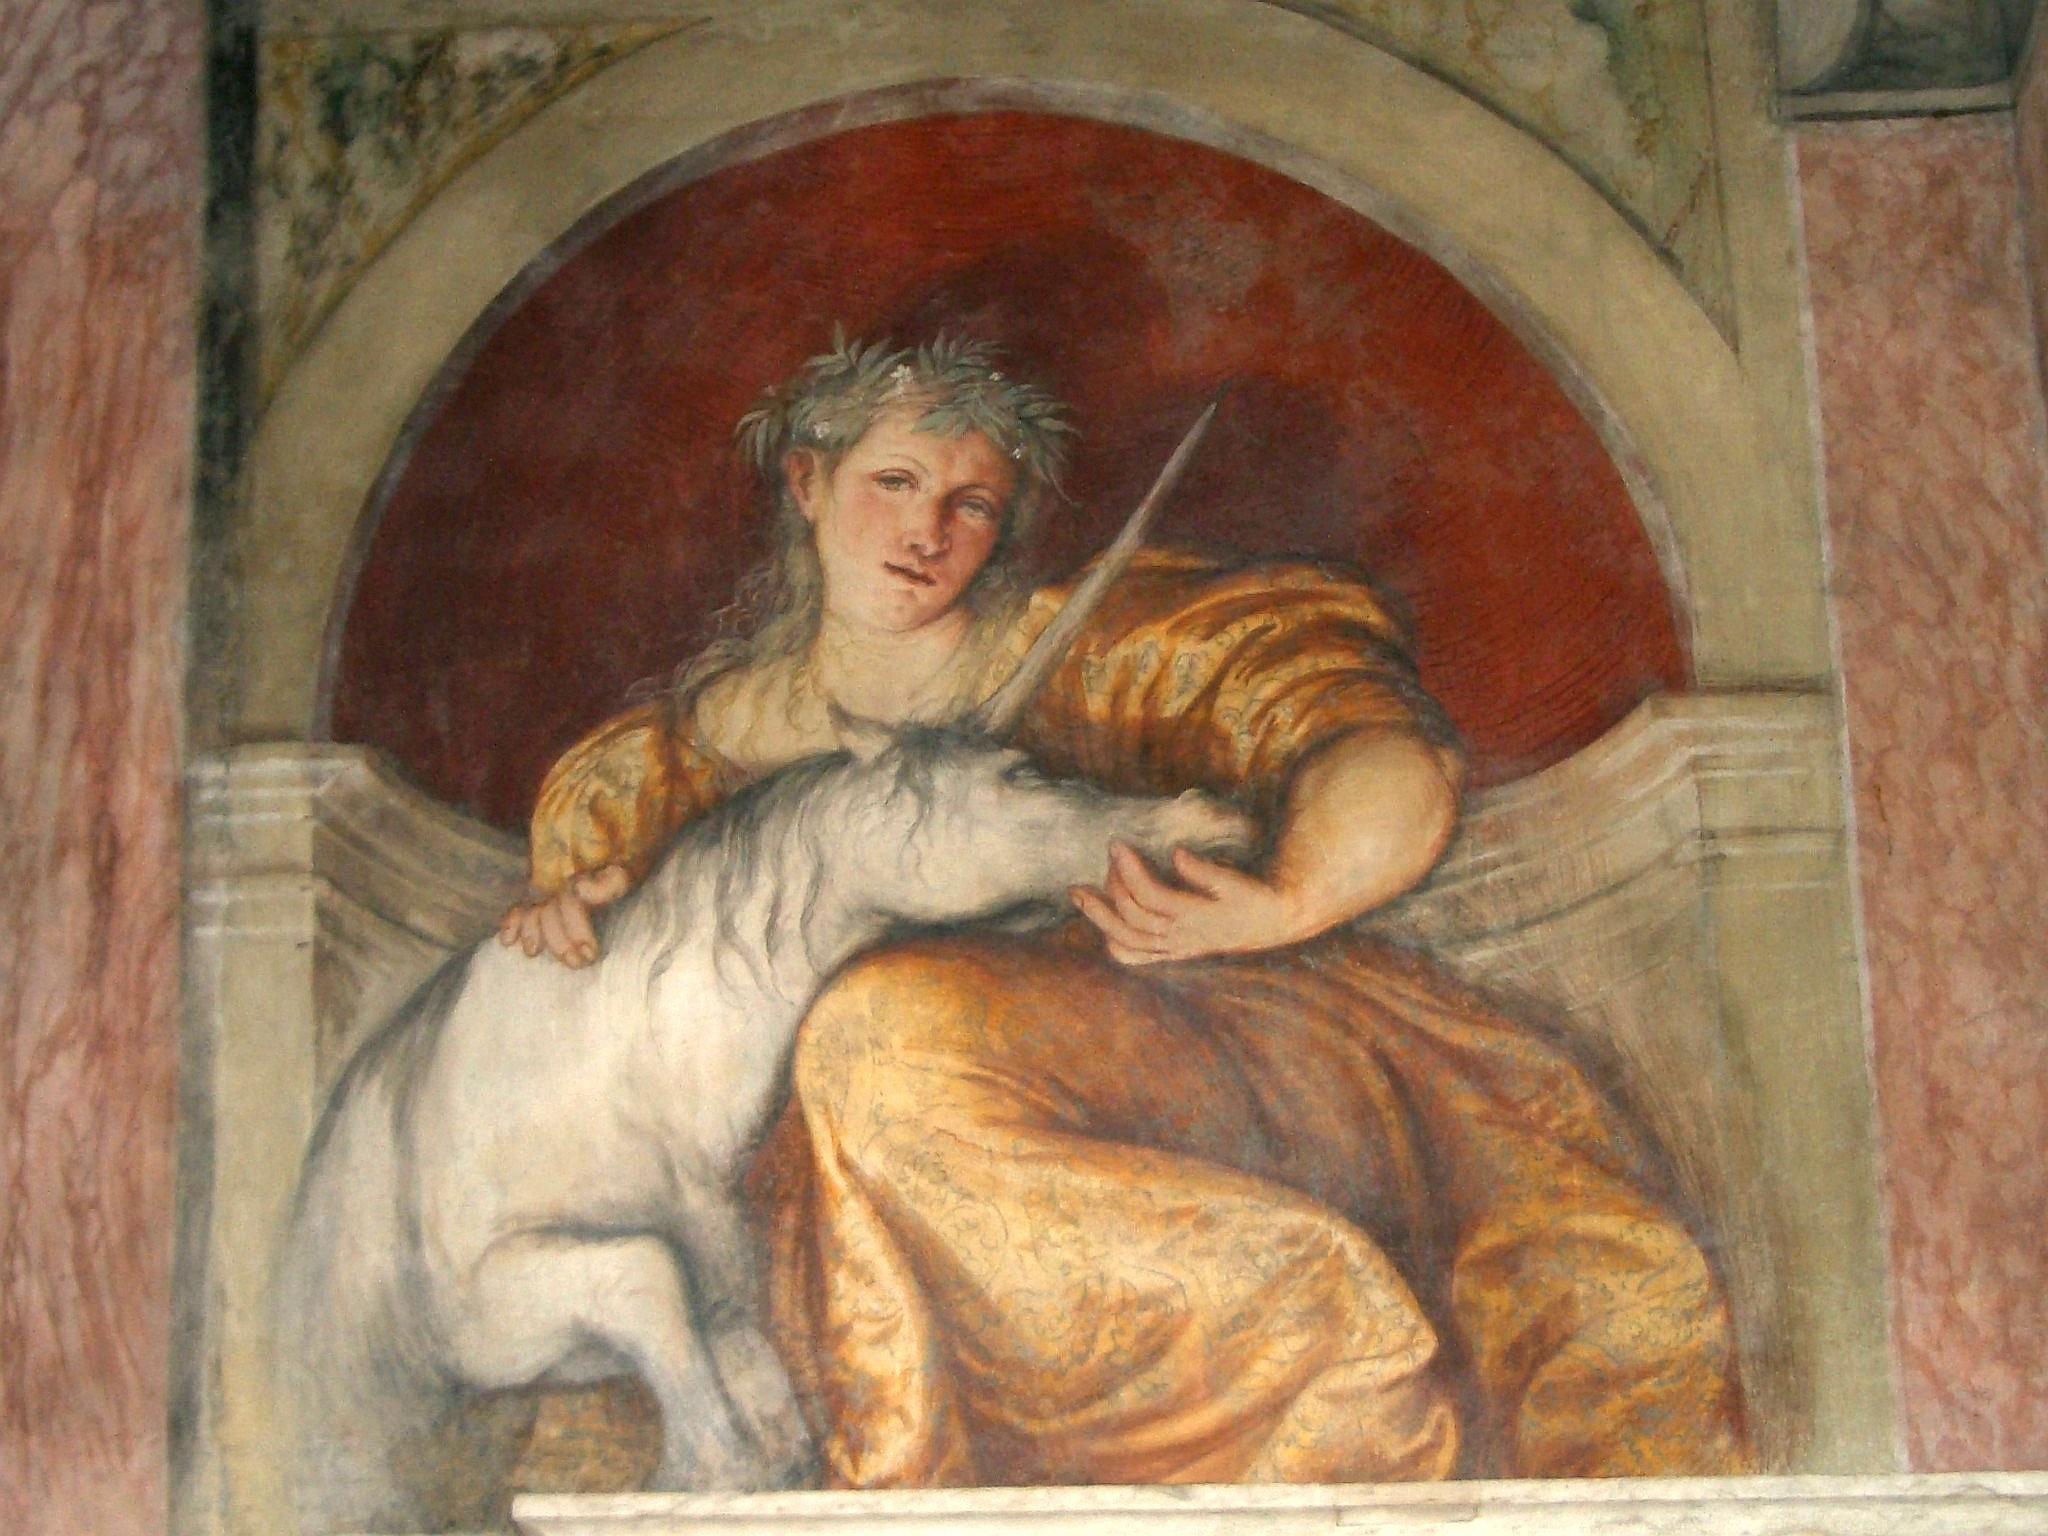 Il Liocorno, affresco del Romanino nel castello di Buonconsiglio a Trento